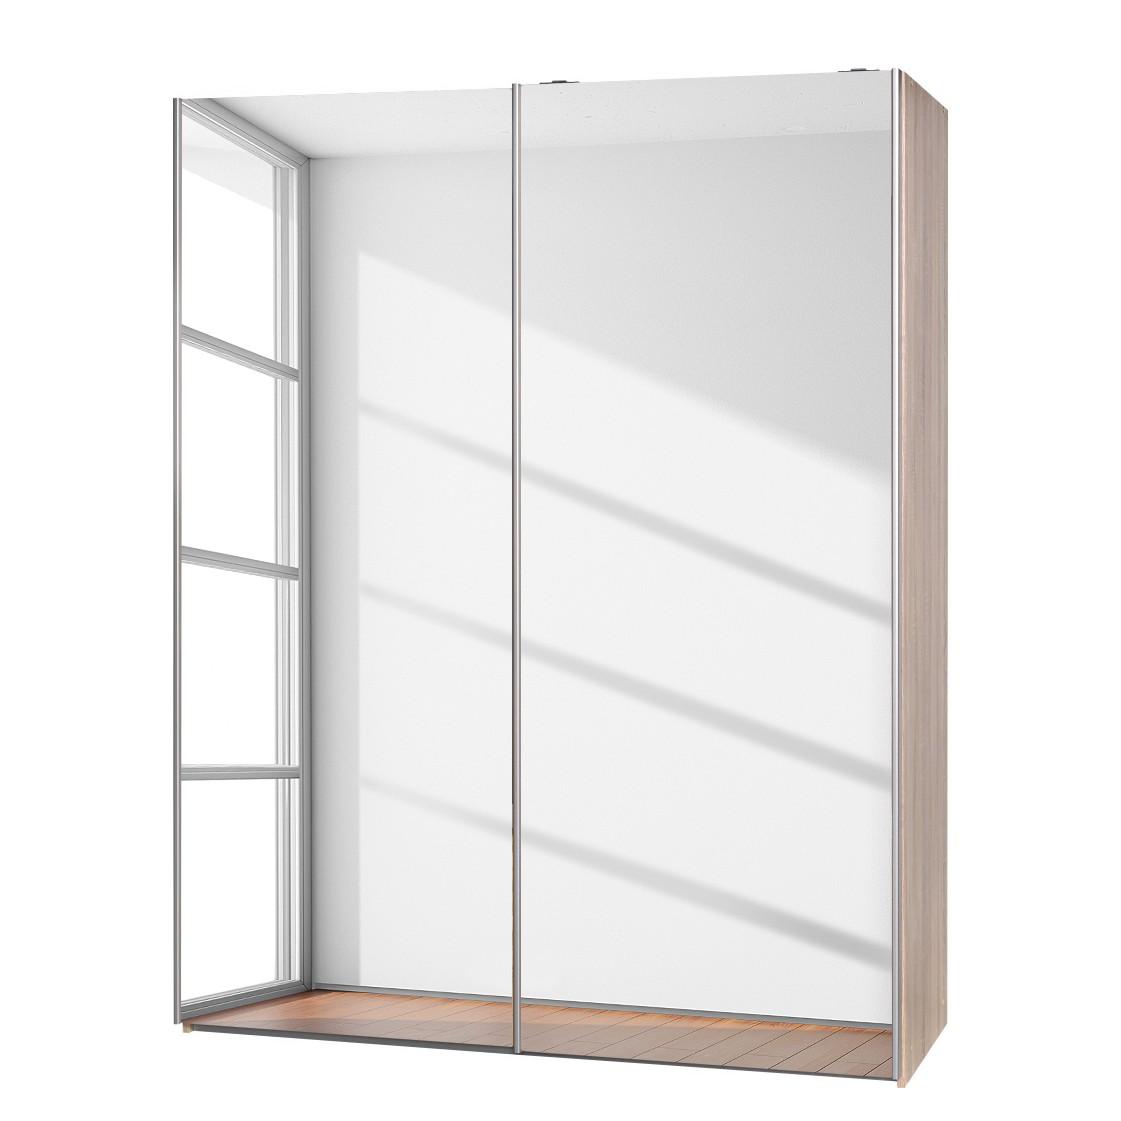 schwebet renschrank soft smart ii eiche dekor spiegelt ren breite 150 cm tiefe 61 cm cs. Black Bedroom Furniture Sets. Home Design Ideas